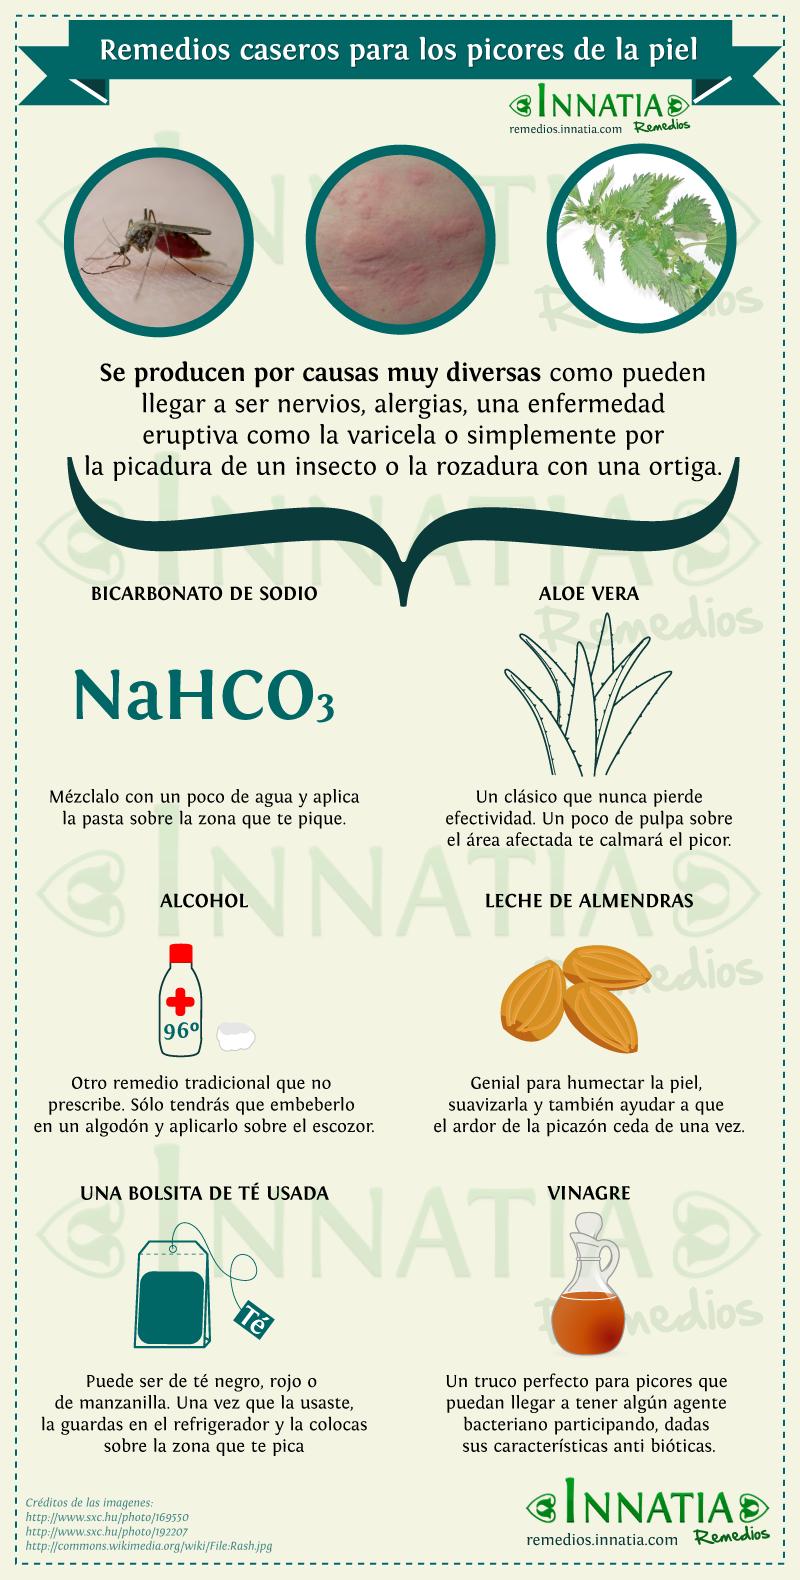 remedios caseros para los picores de la piel